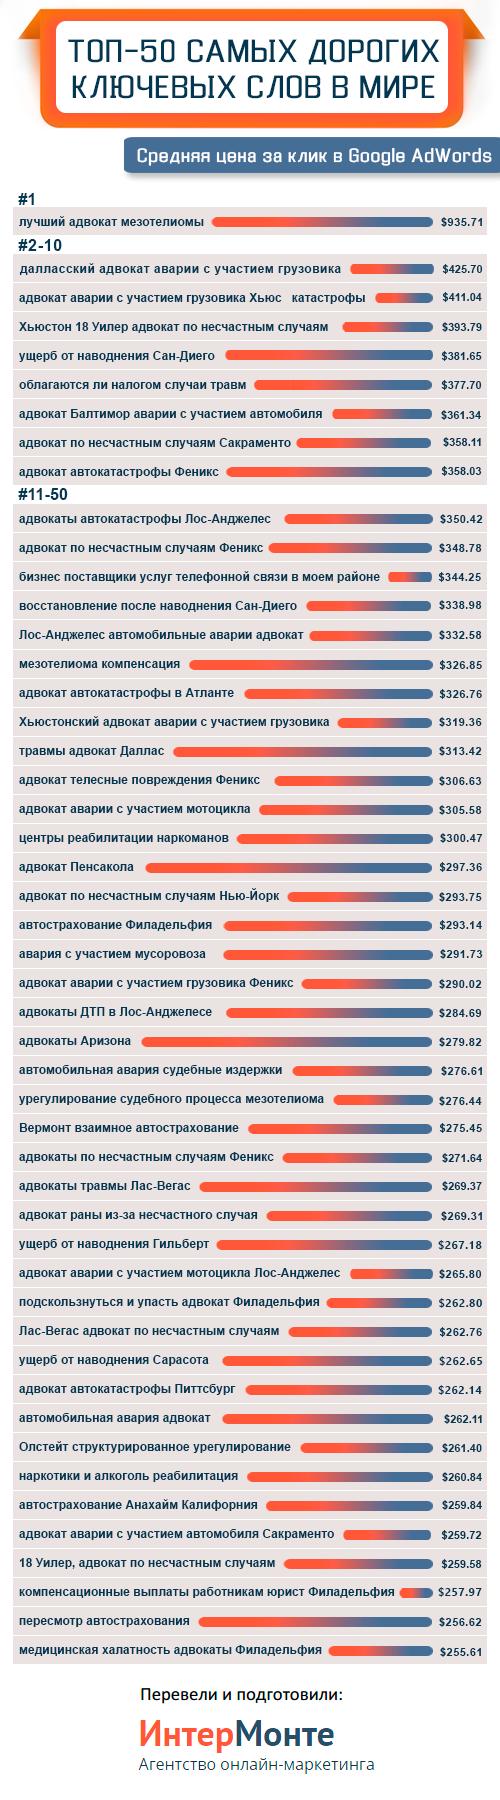 Самые дорогие запросы в контекстной рекламе